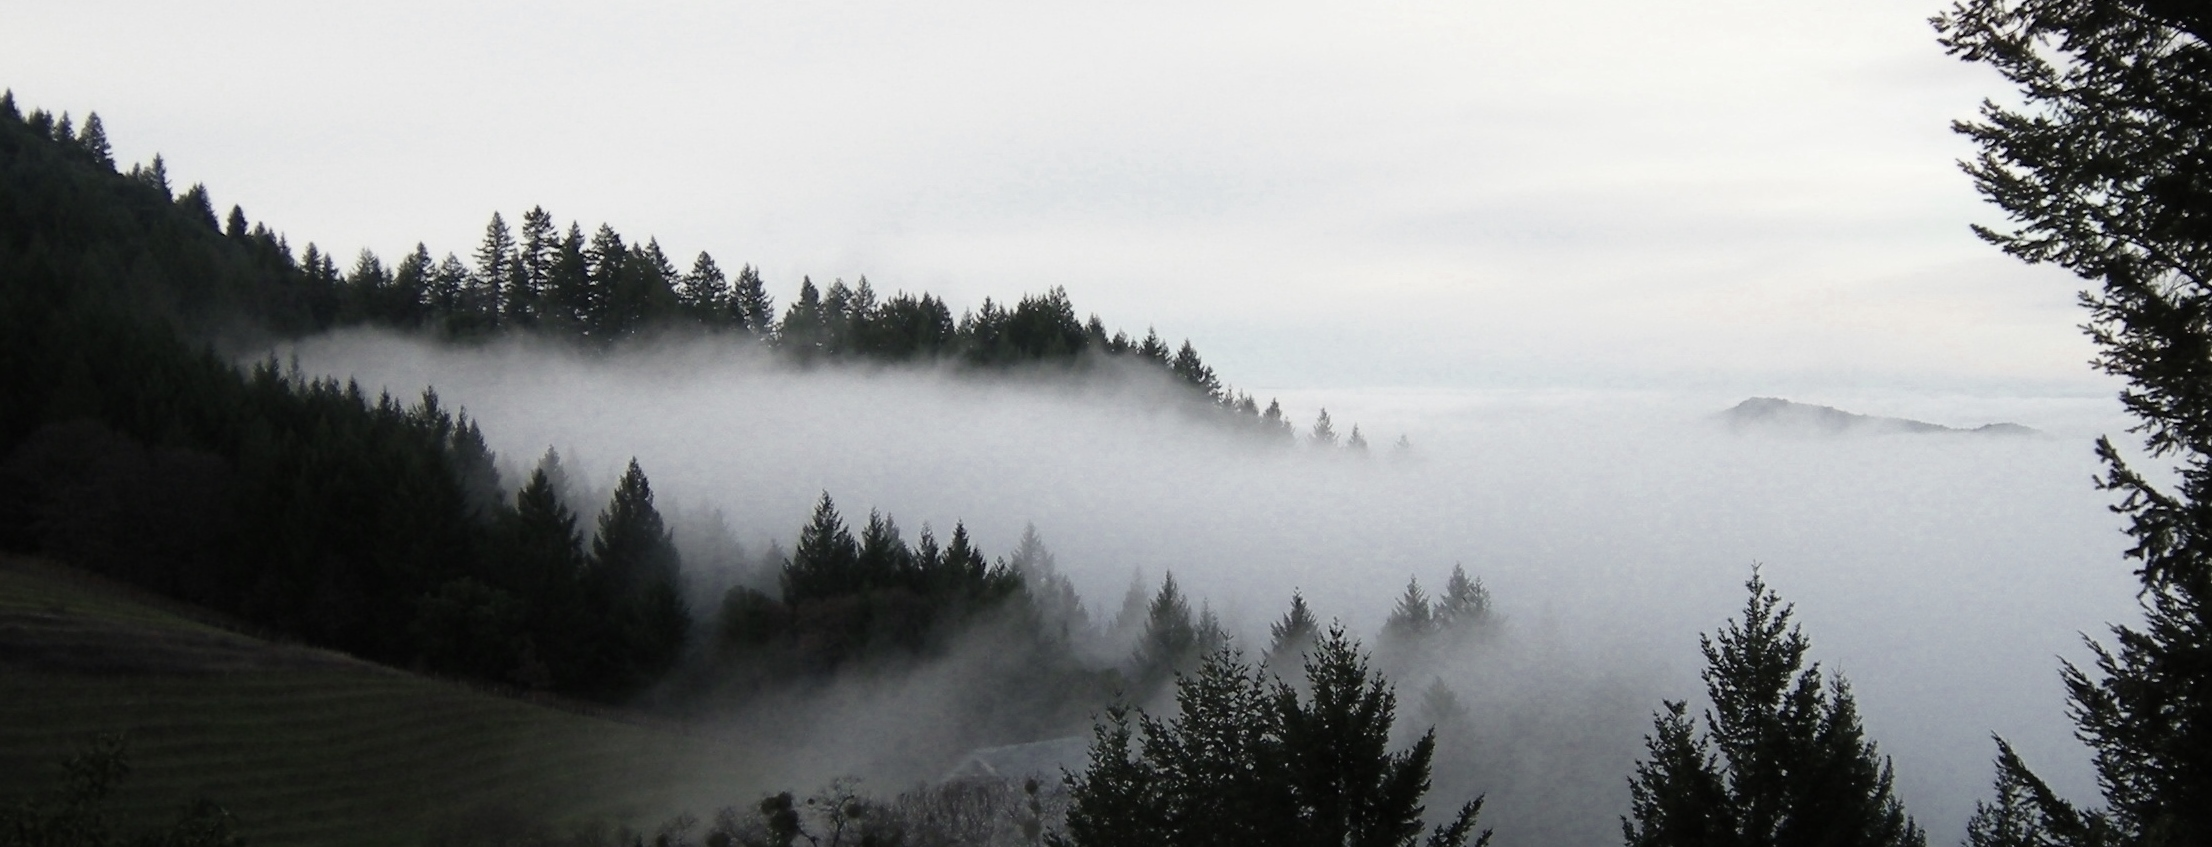 jenjoycedesign© fog Jan 2015